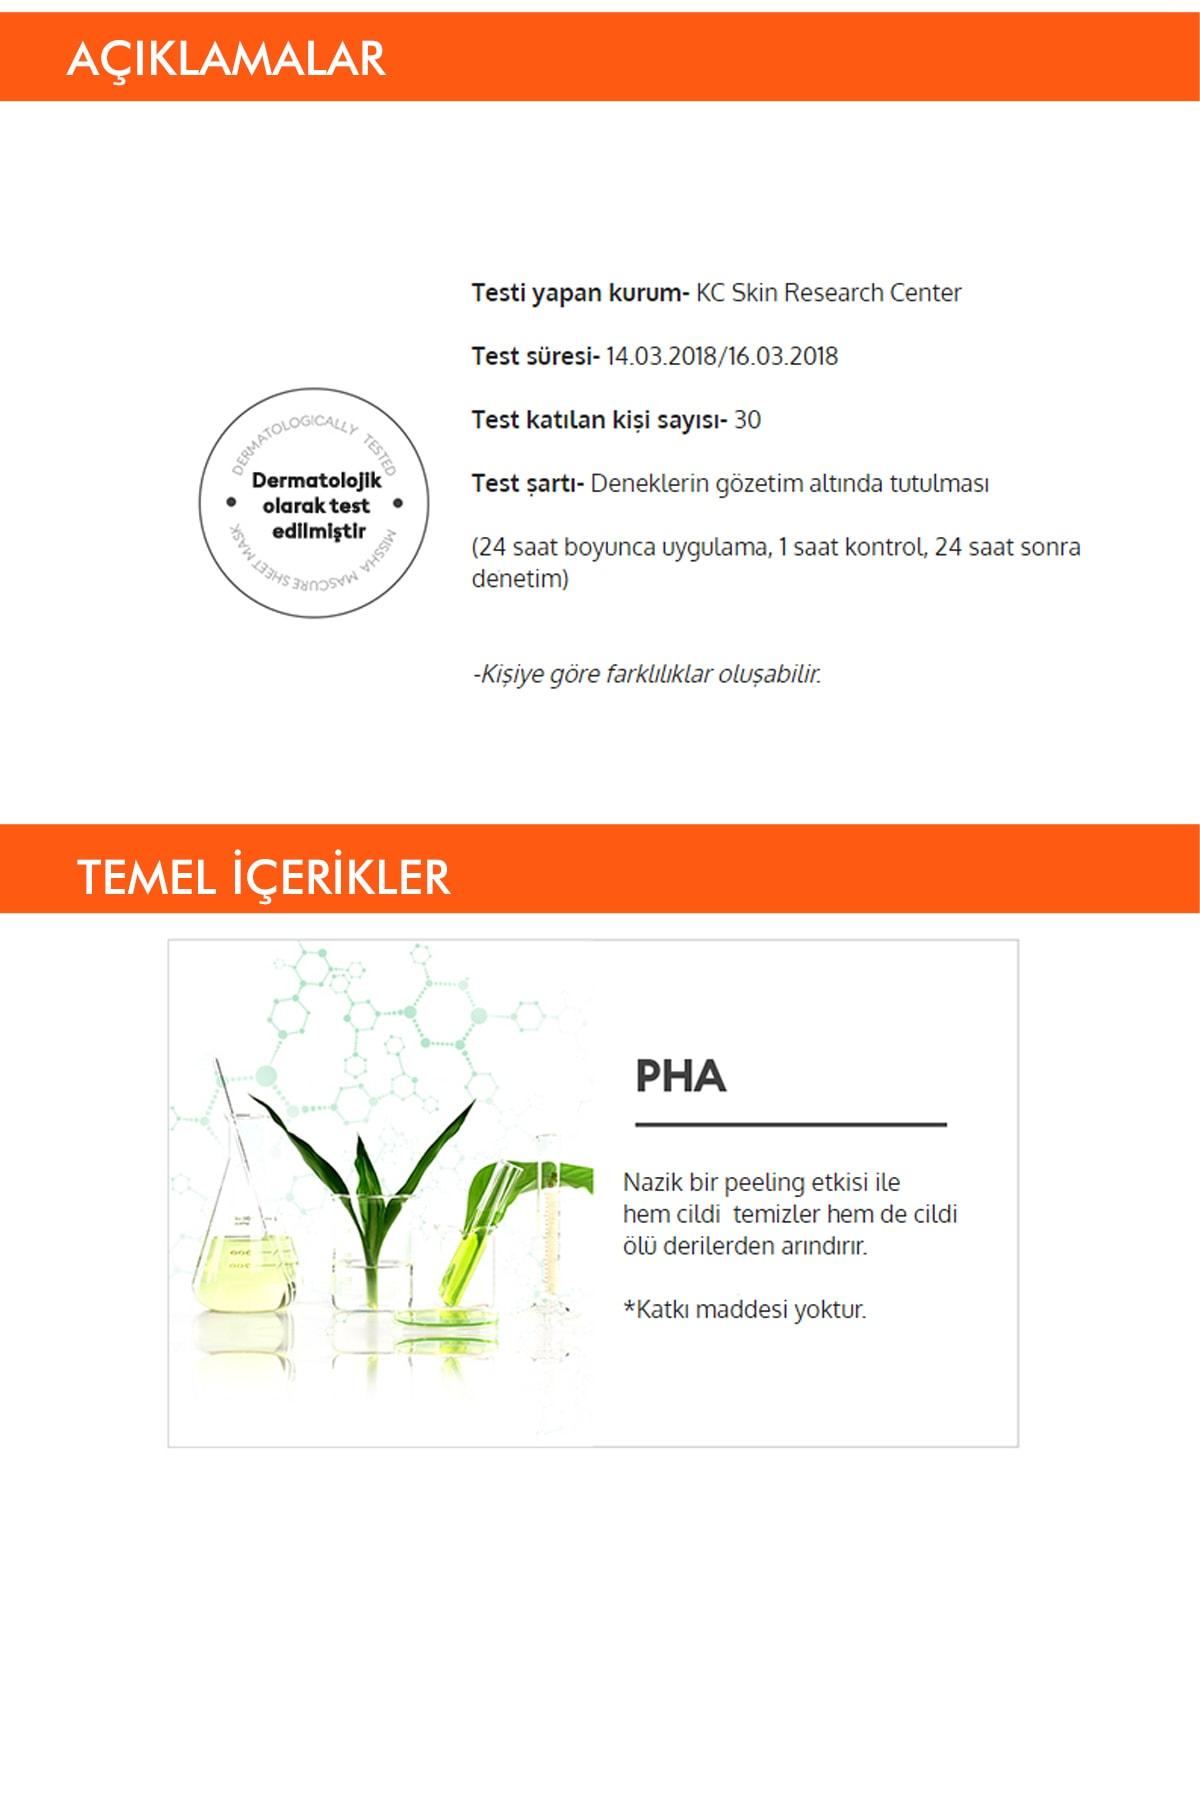 Missha Pha Ölü Deri Arındırıcı Yaprak Maske (1ad) Mascure Peeling Solution Sheet Mask 2